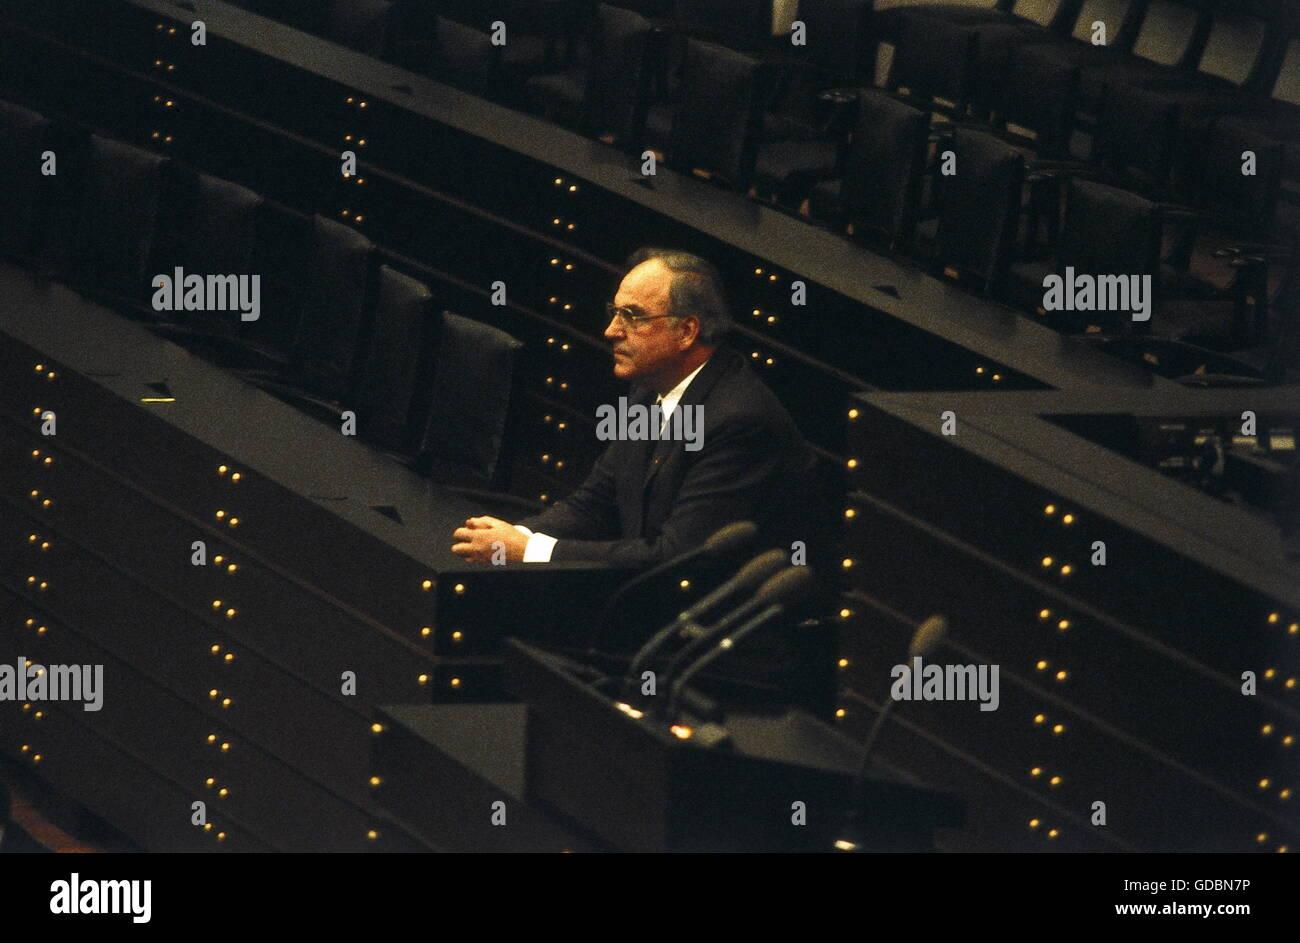 Kohl Helmut, * 3.4.1930, uomo politico tedesco (CDU), il cancelliere della Germania 1982 - 1998, da solo sulla sede Immagini Stock